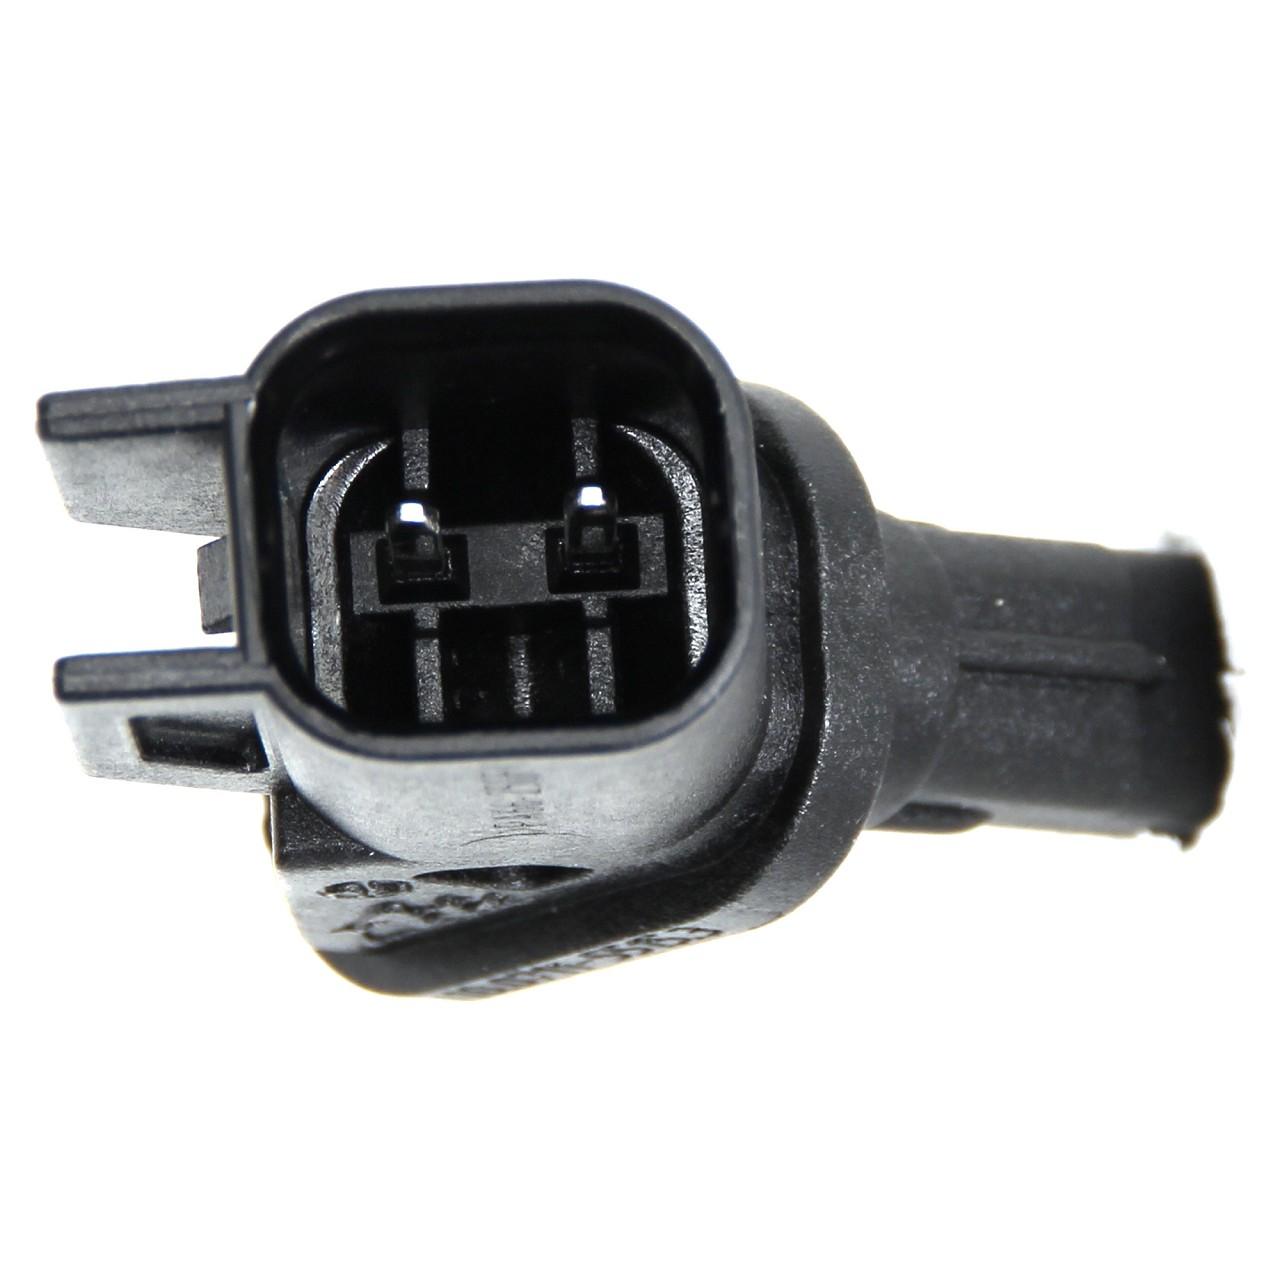 ORIGINAL Ford ABS Sensor Raddrehzahl C-MAX 2 FOCUS 3 KUGA 1 2 vorne 1847581